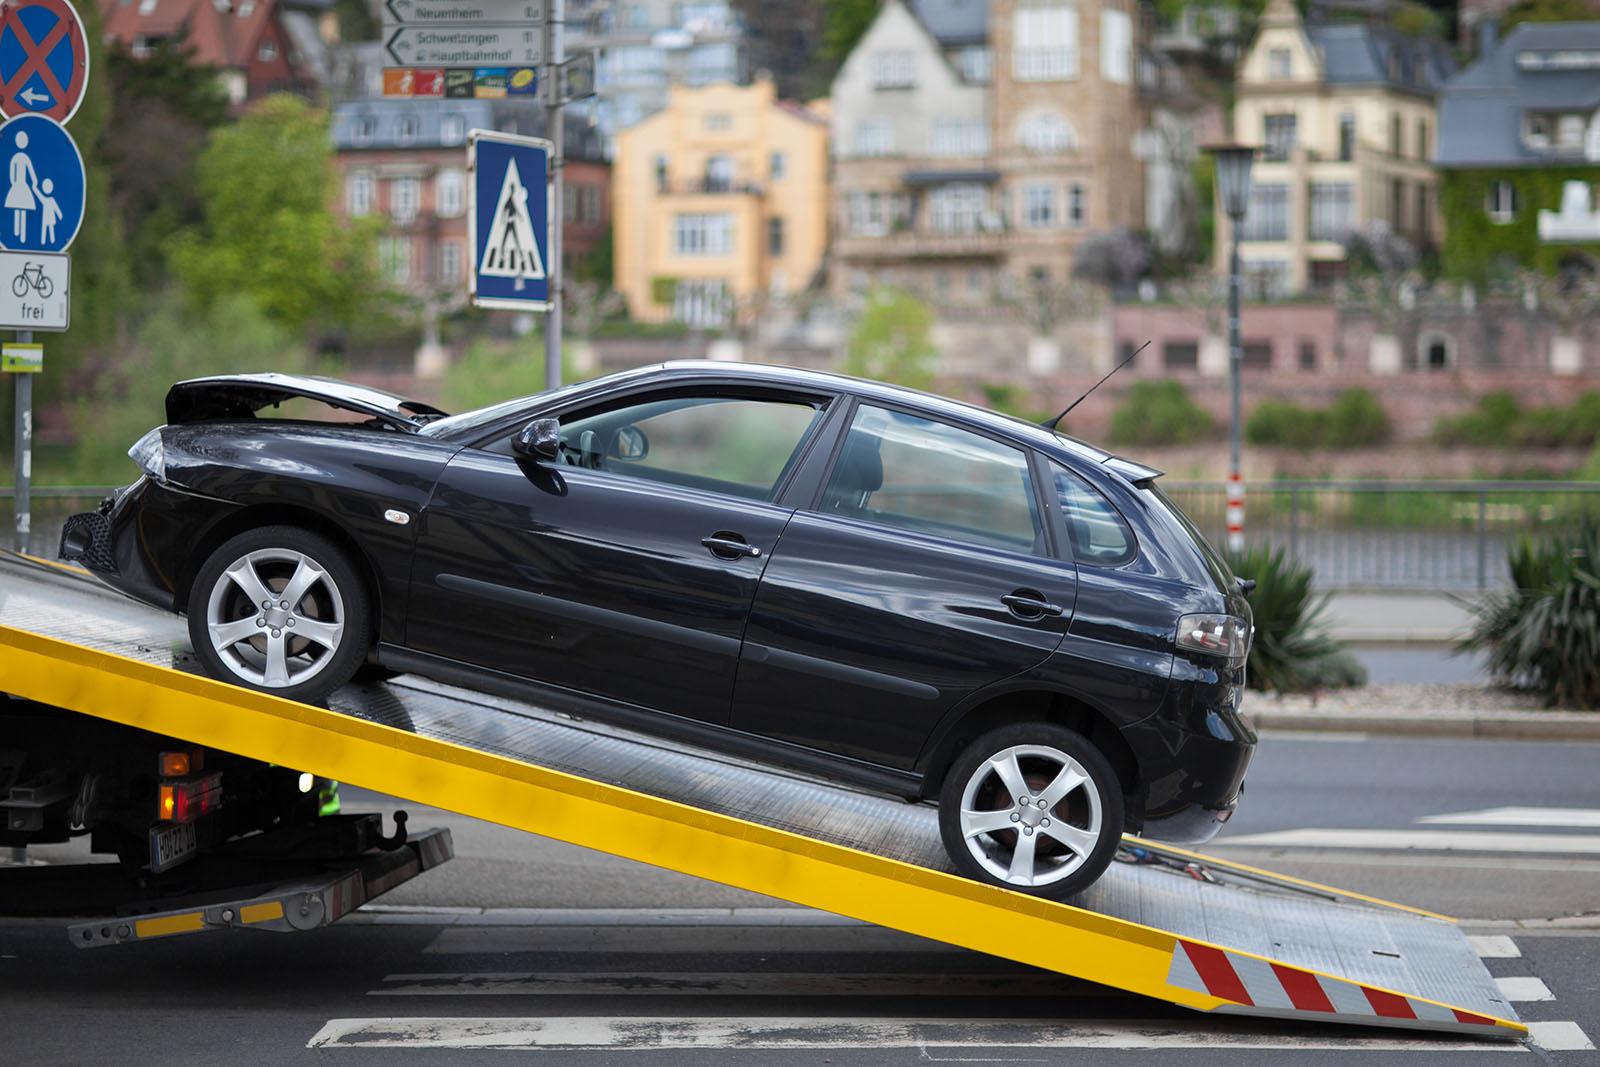 Vår bilskrot i Västmanland hämtar upp din bil helt utan kostnad och transporterar den till vår bilskrot.